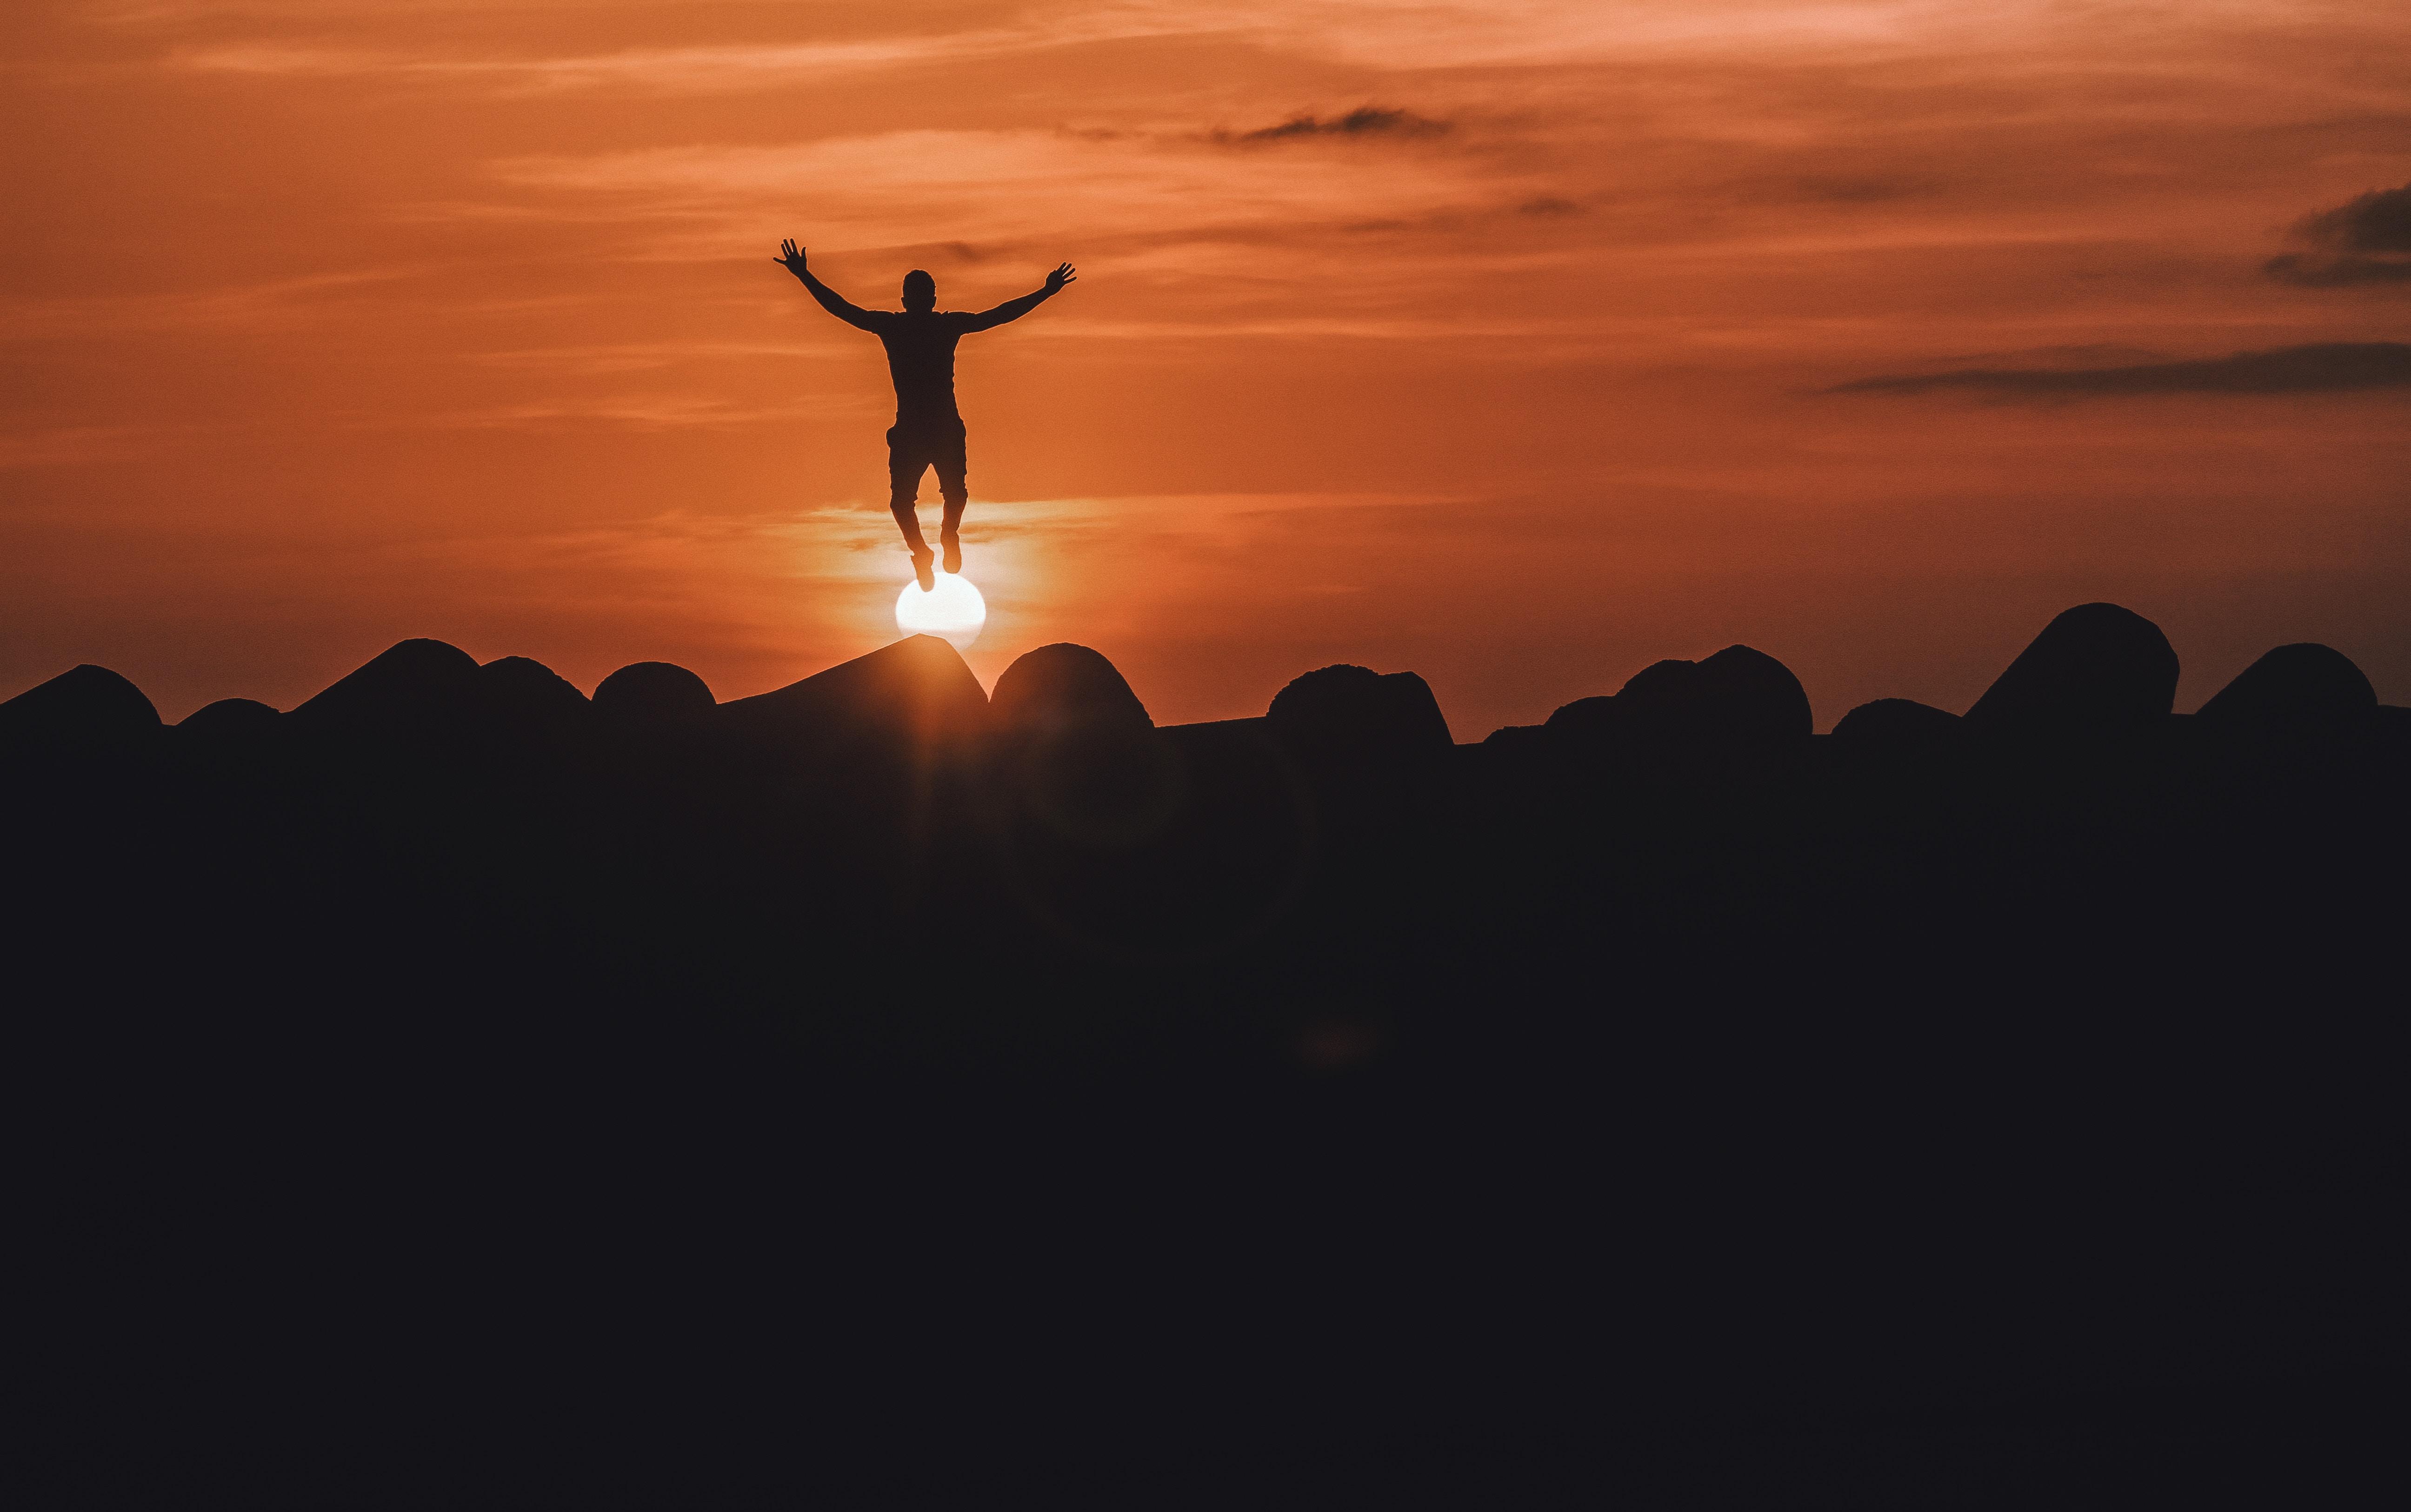 Başarıya Ulaşmak İçin Sıfır Yetenek Gerektiren 10 Şey